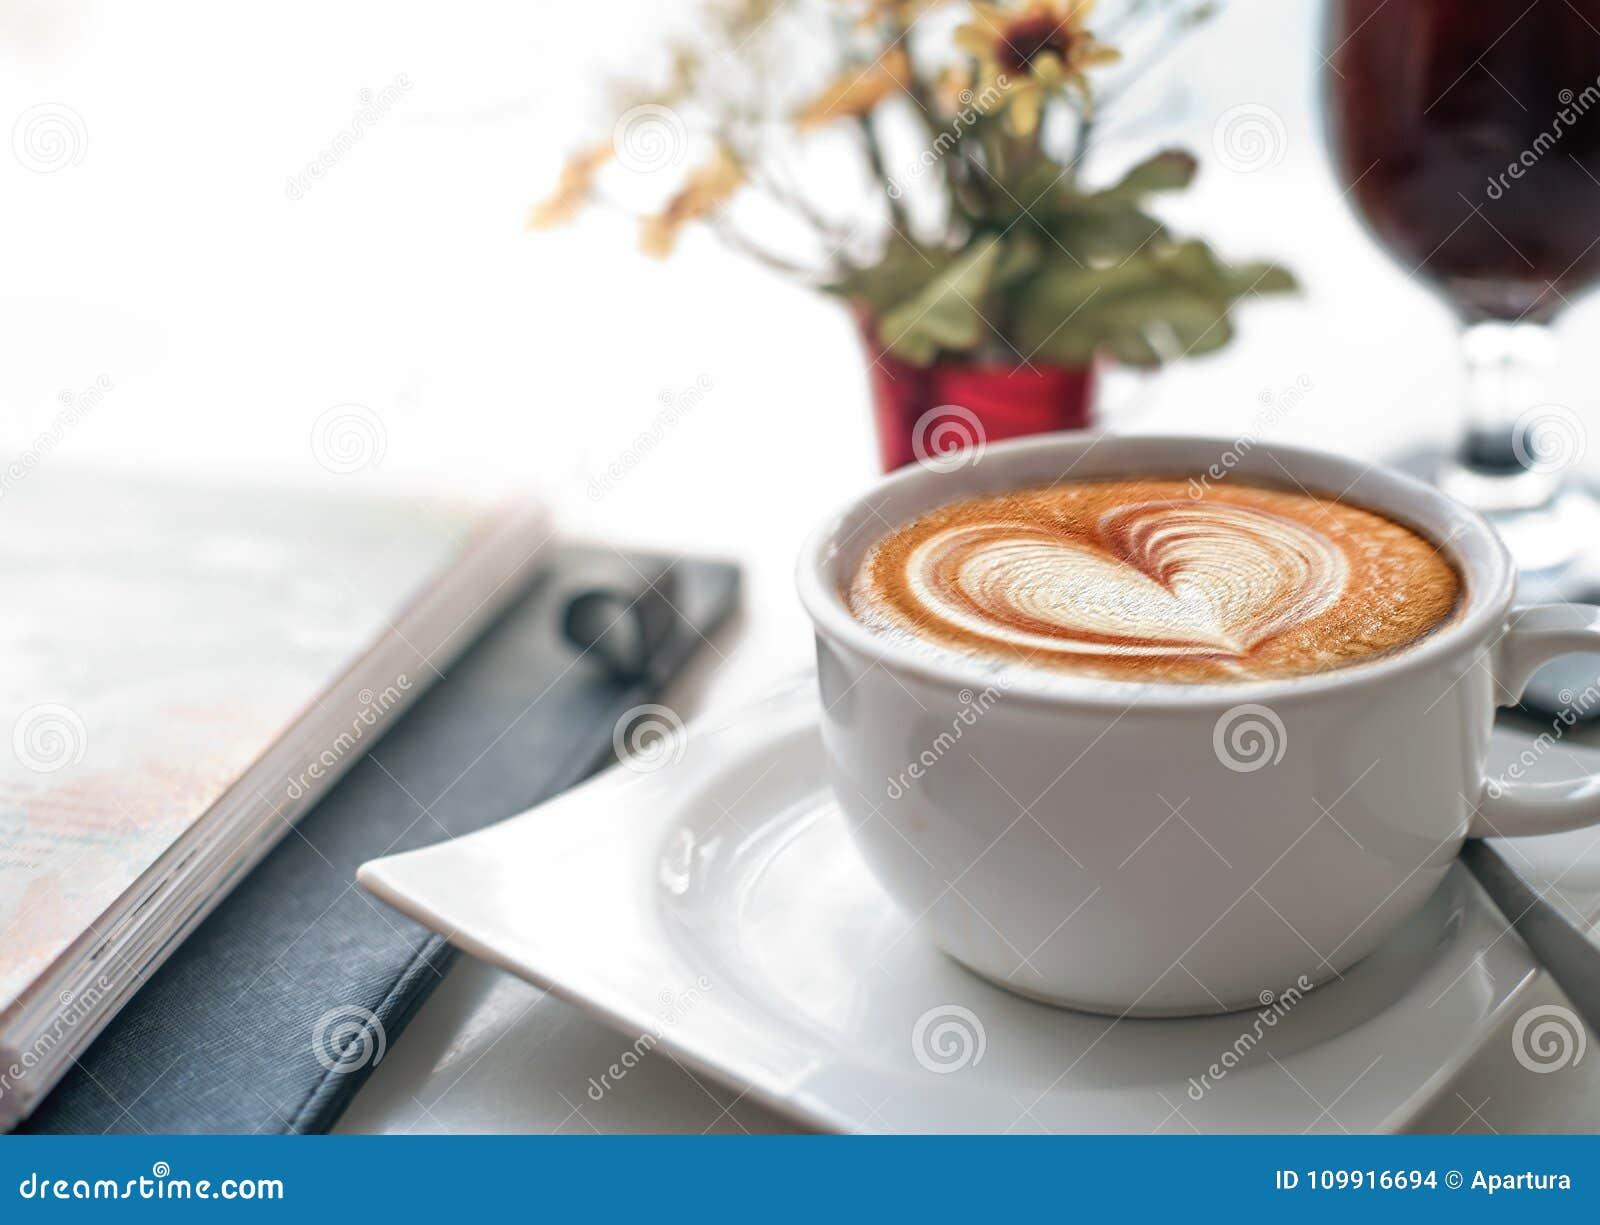 Καφές στο λειτουργώντας γραφείο κατά τη διάρκεια της επιχειρησιακής συνεδρίασης με την τέχνη Latte μορφής καρδιών αγάπης